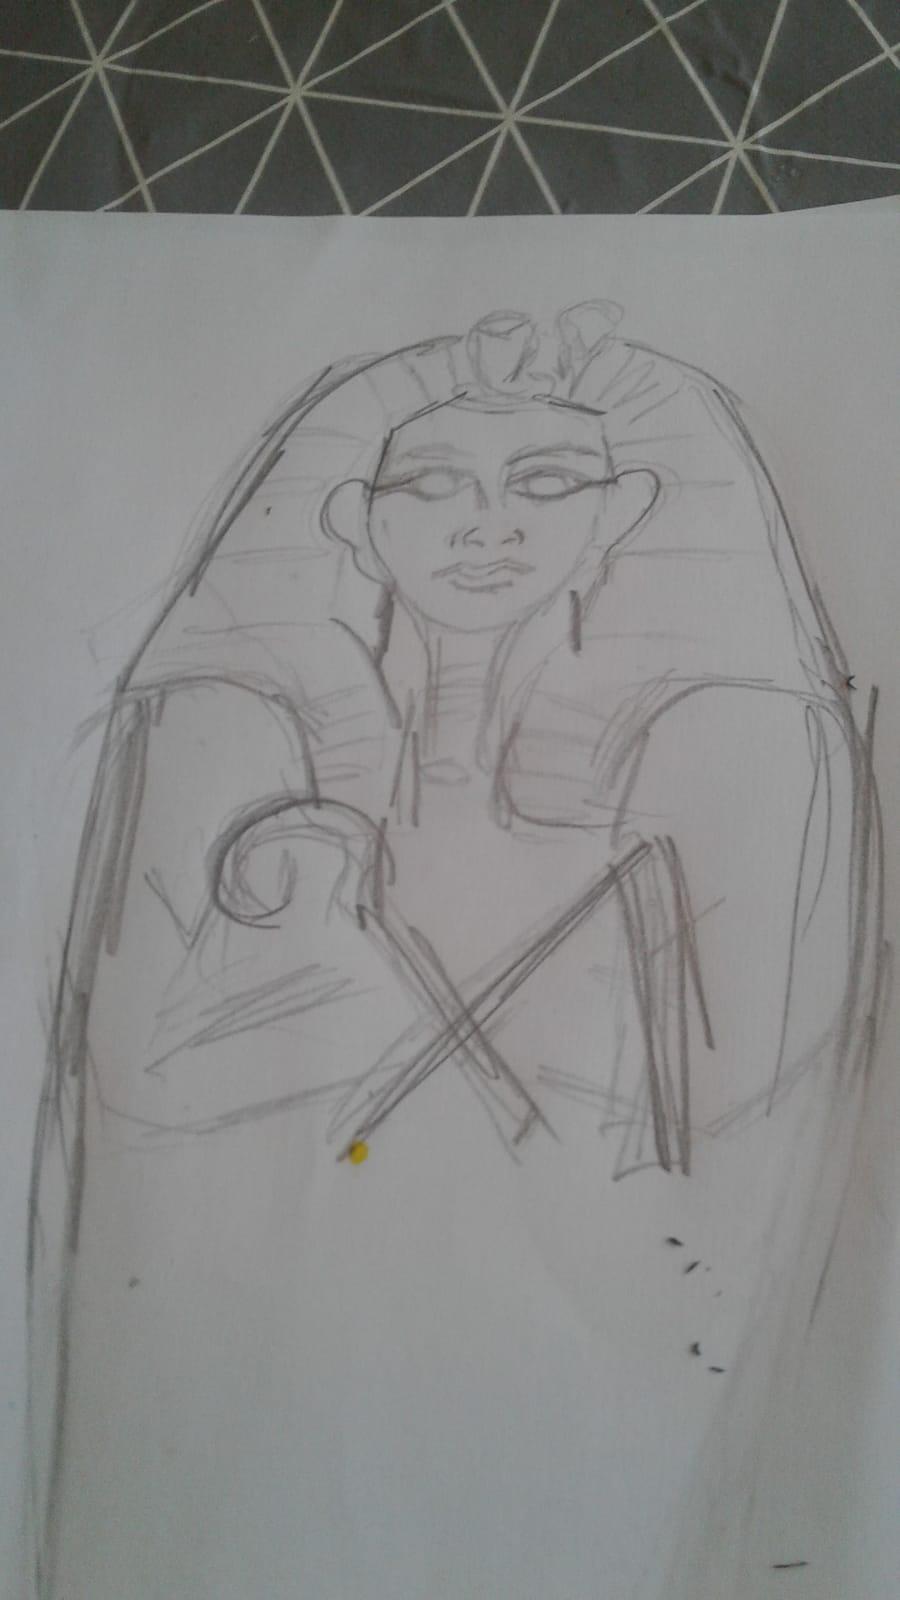 digujo-sarcofago-egipcio